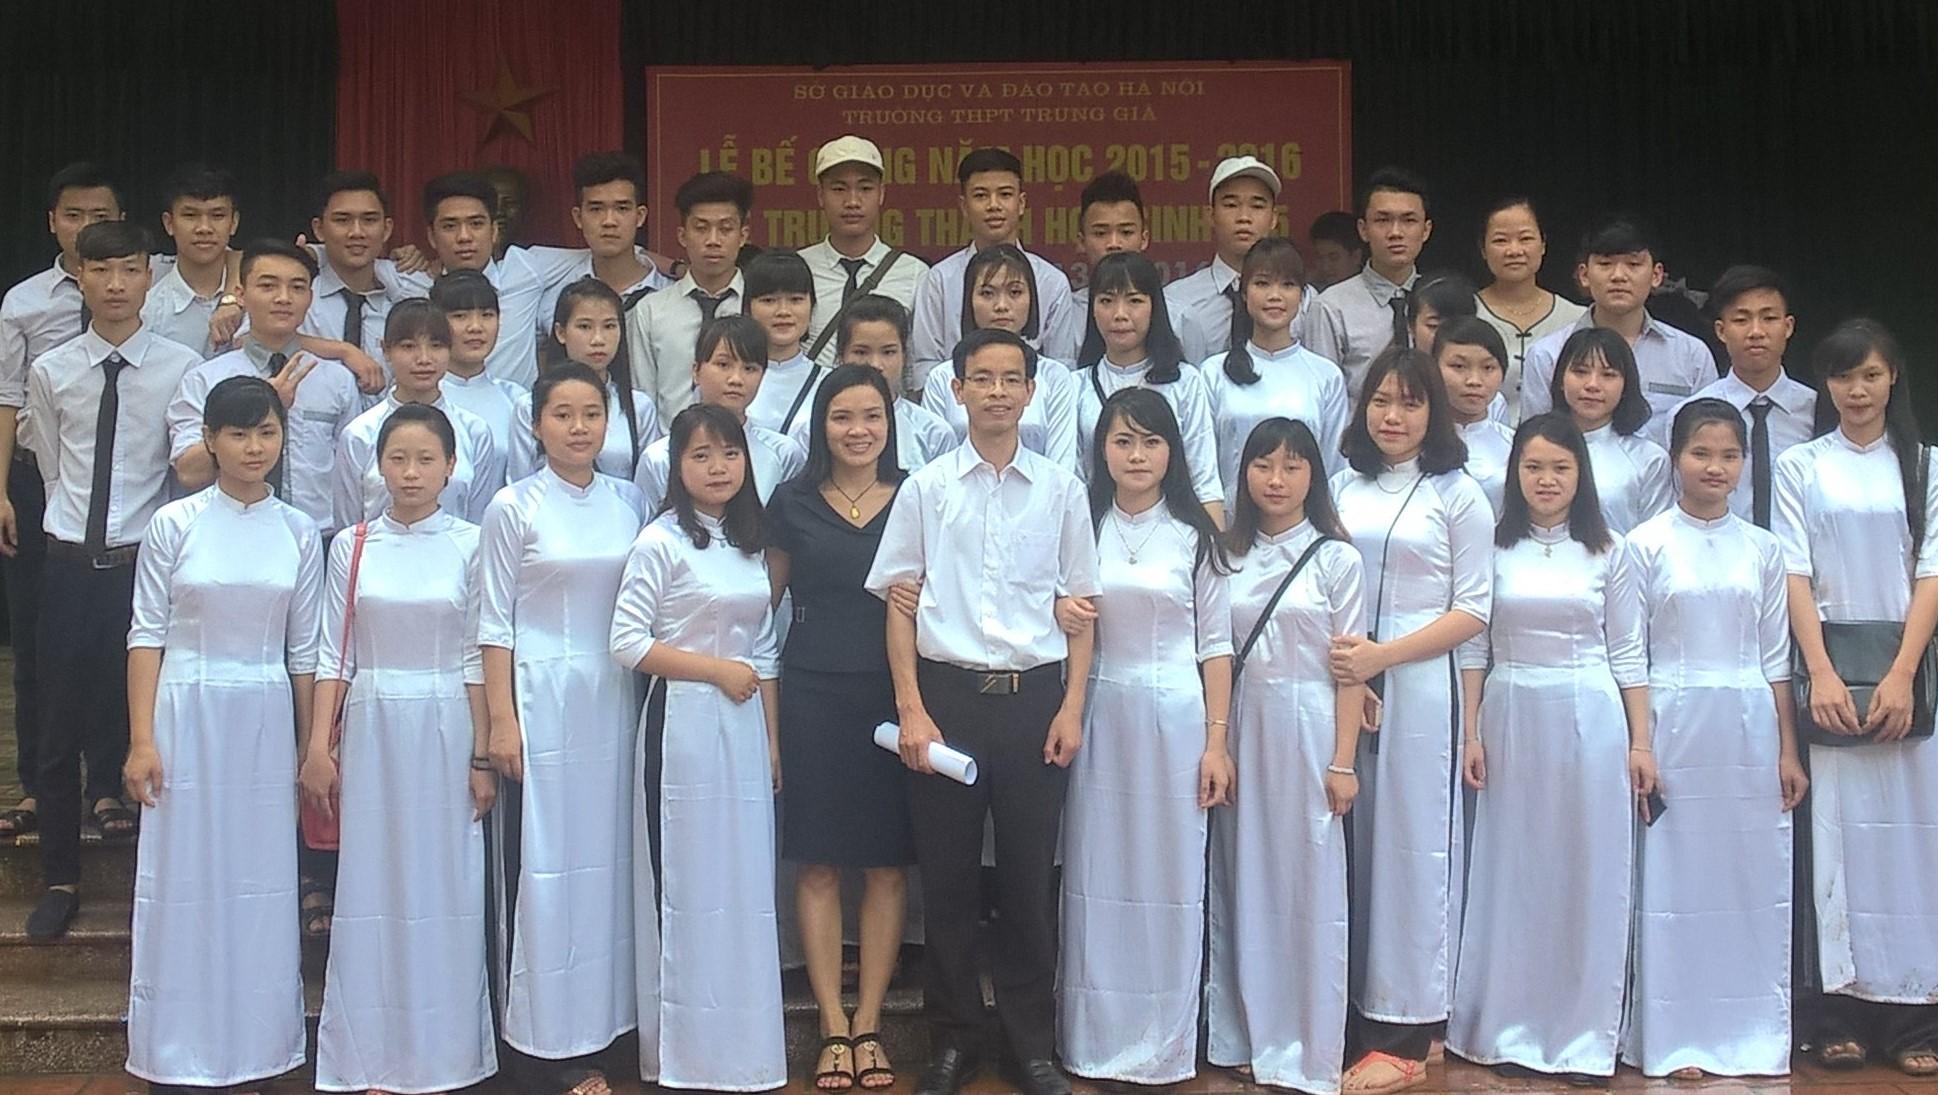 Bế giảng năm học 2015-2016